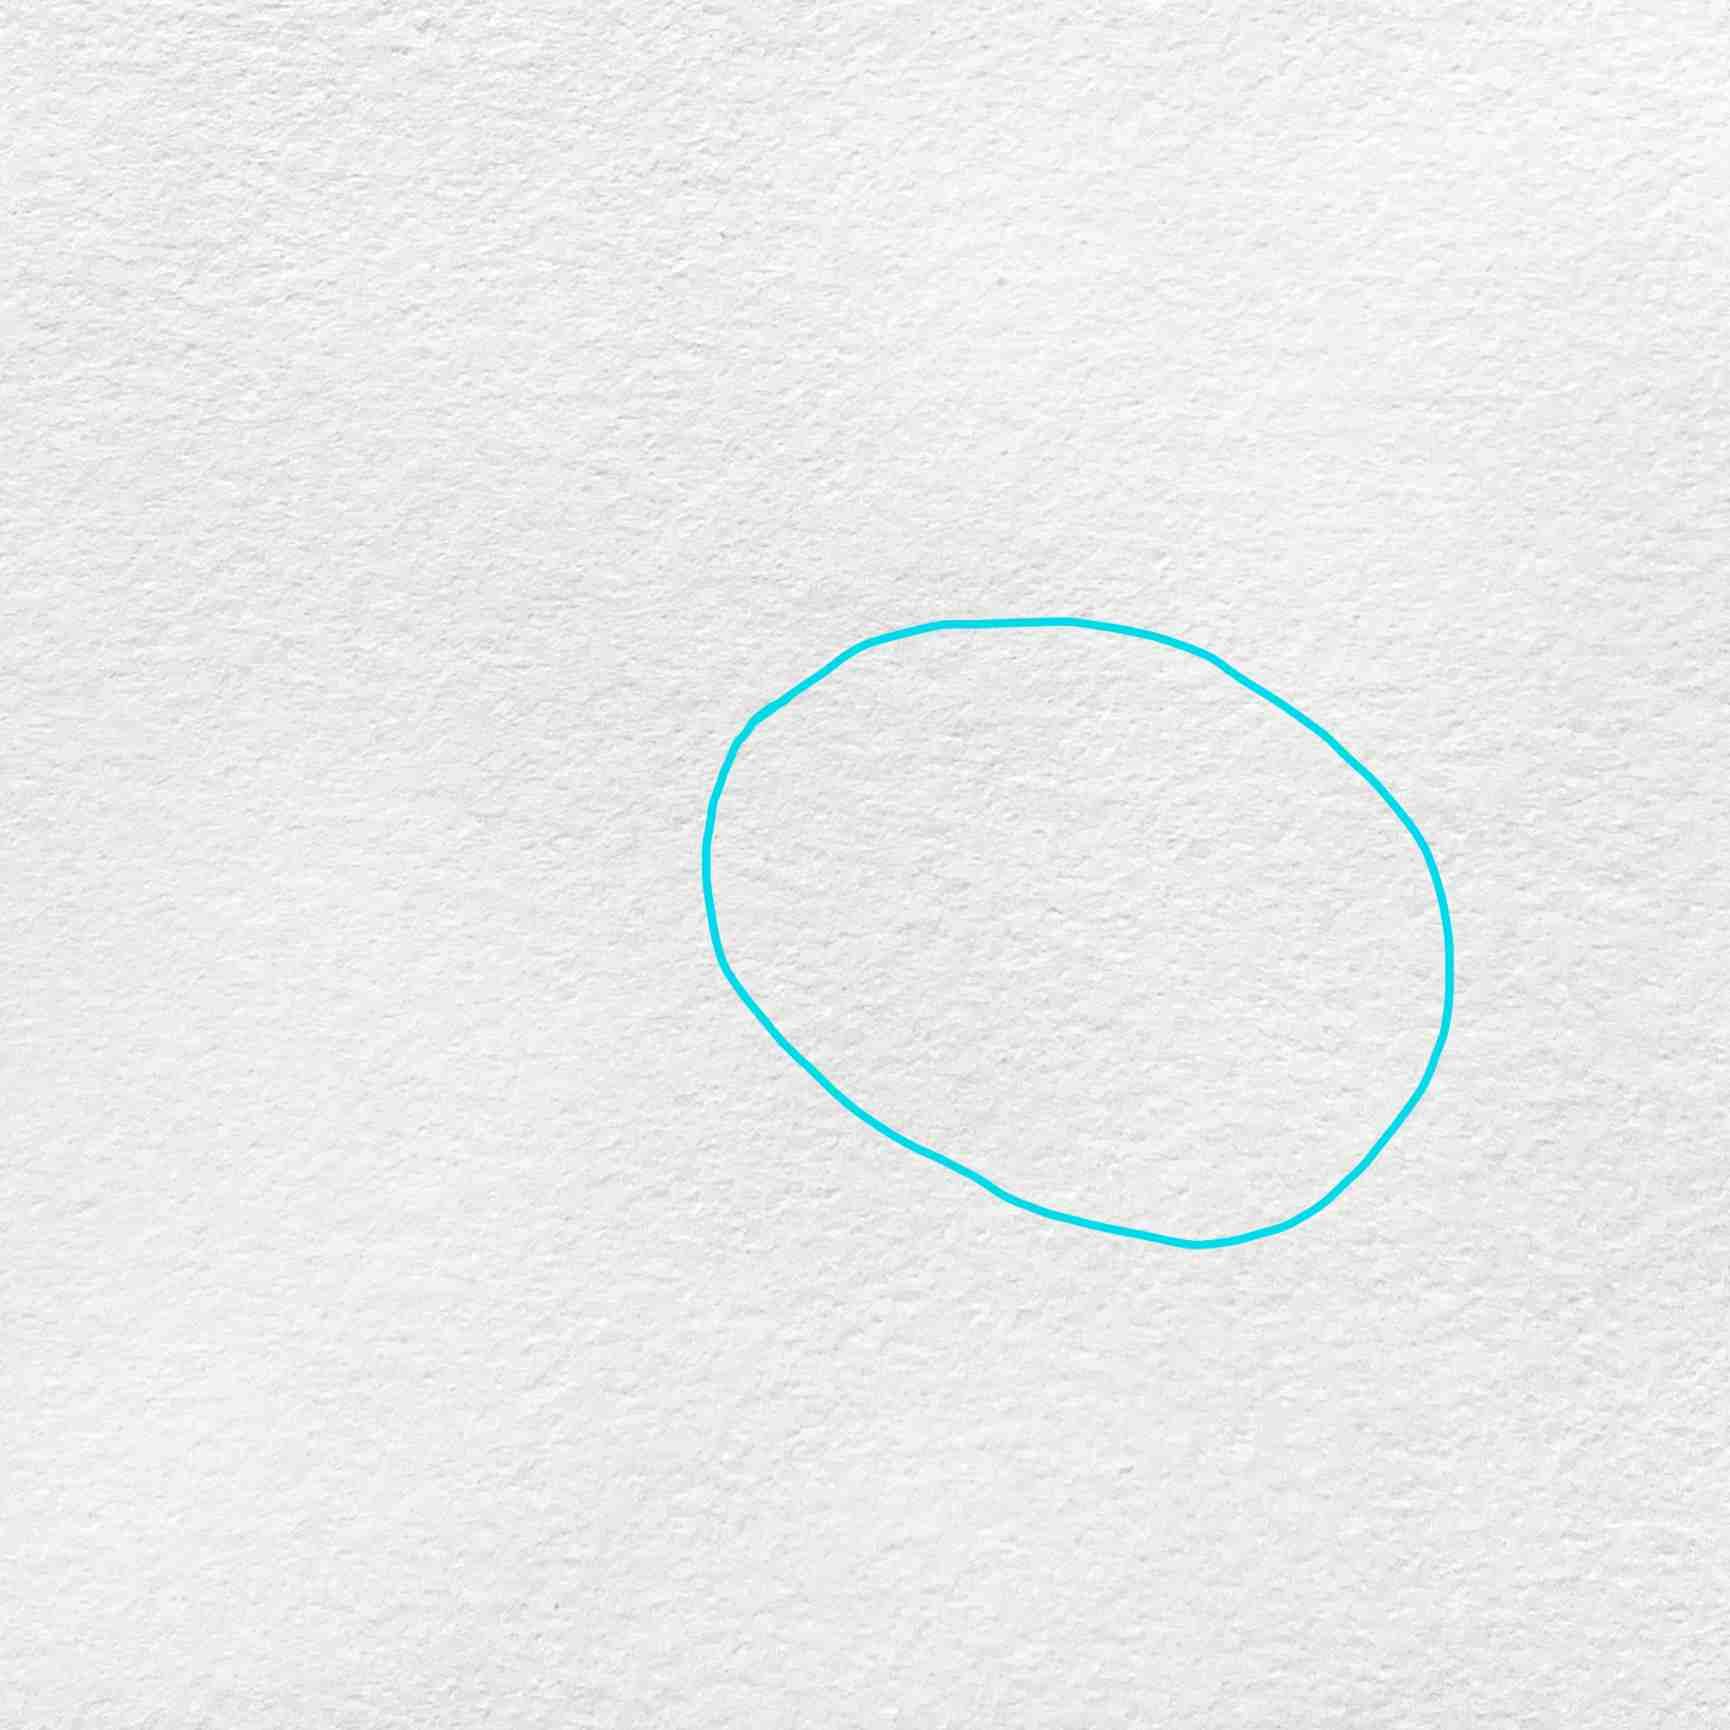 How To Draw Kiwi Bird: Step 1